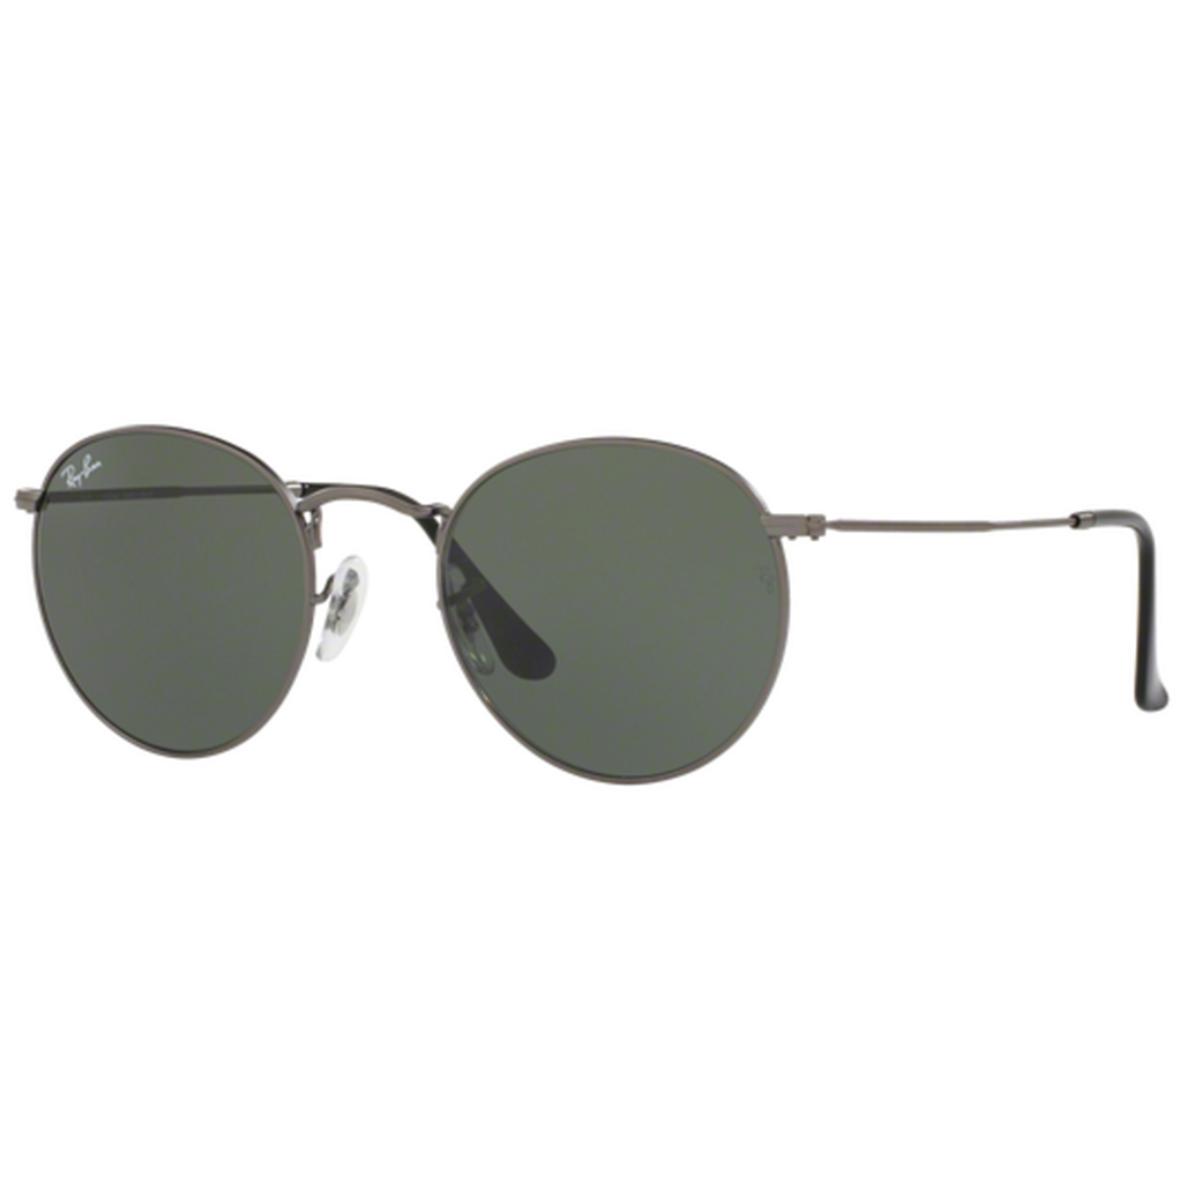 94f9e64fd Compre Óculos de Sol Ray Ban Round Metal em 10X   Tri-Jóia Shop